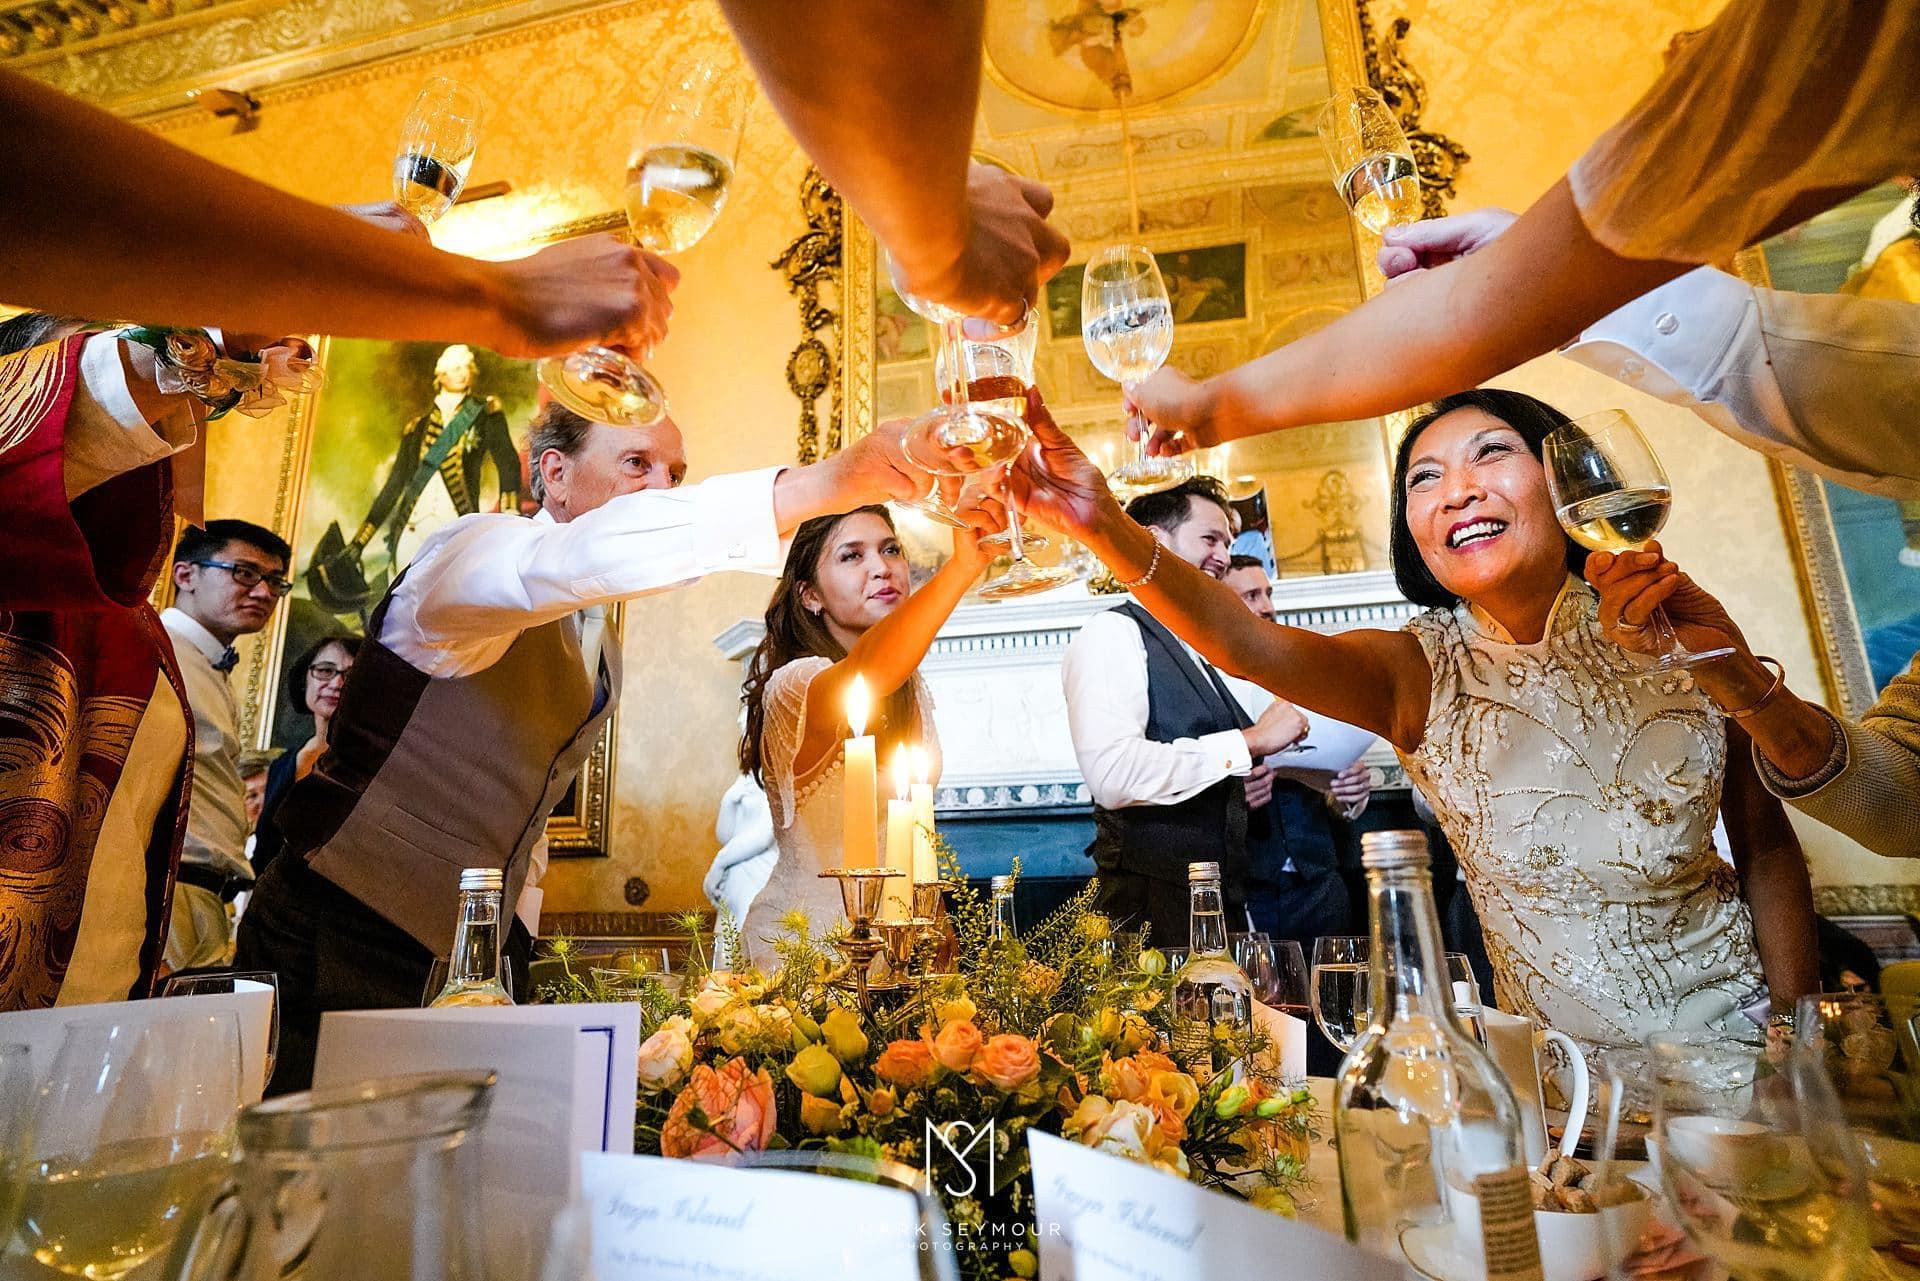 Toasting after a wedding speech